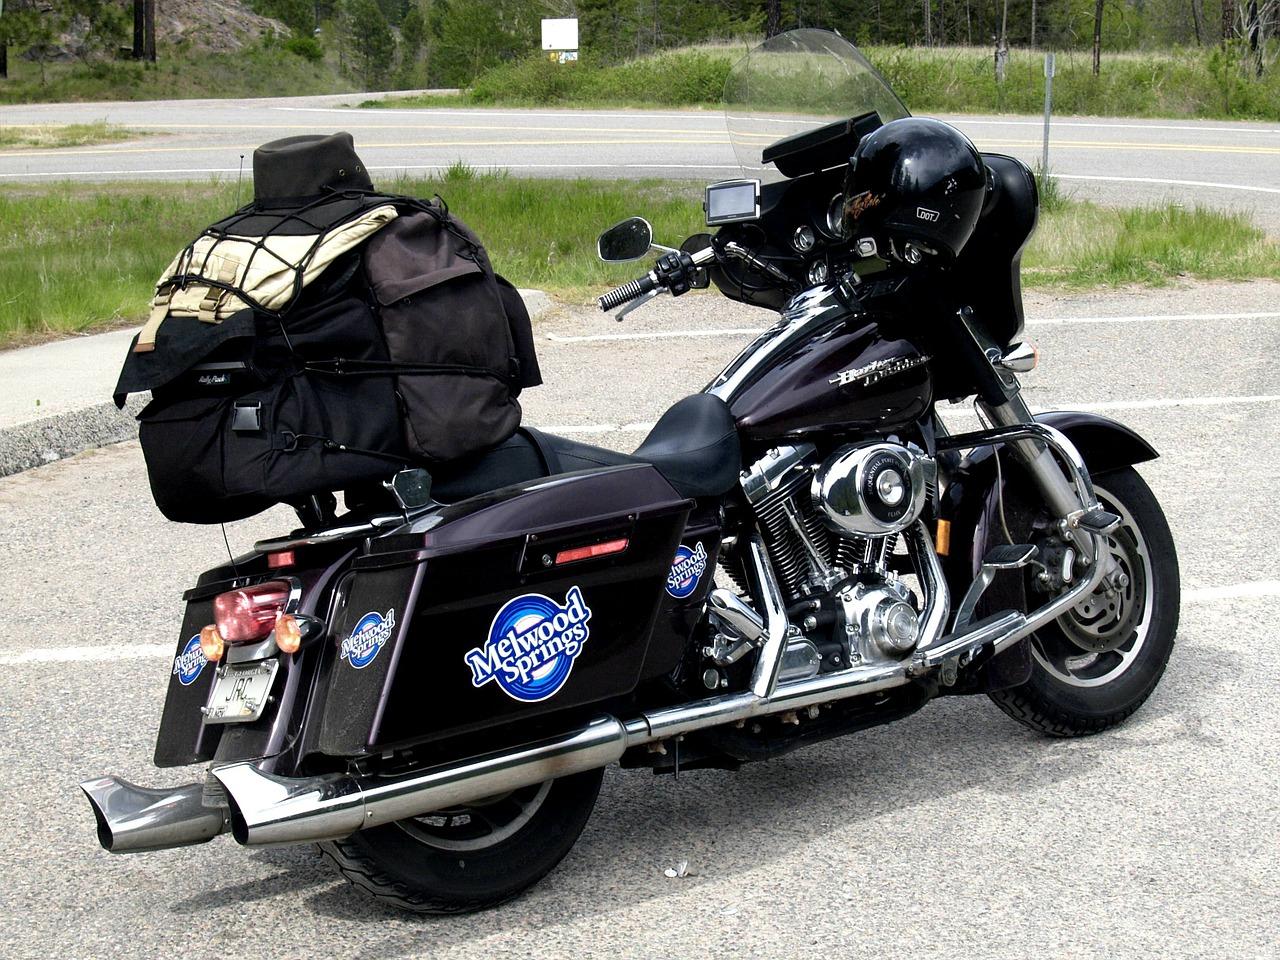 荷物満載が絵になるバイクはいいな♪